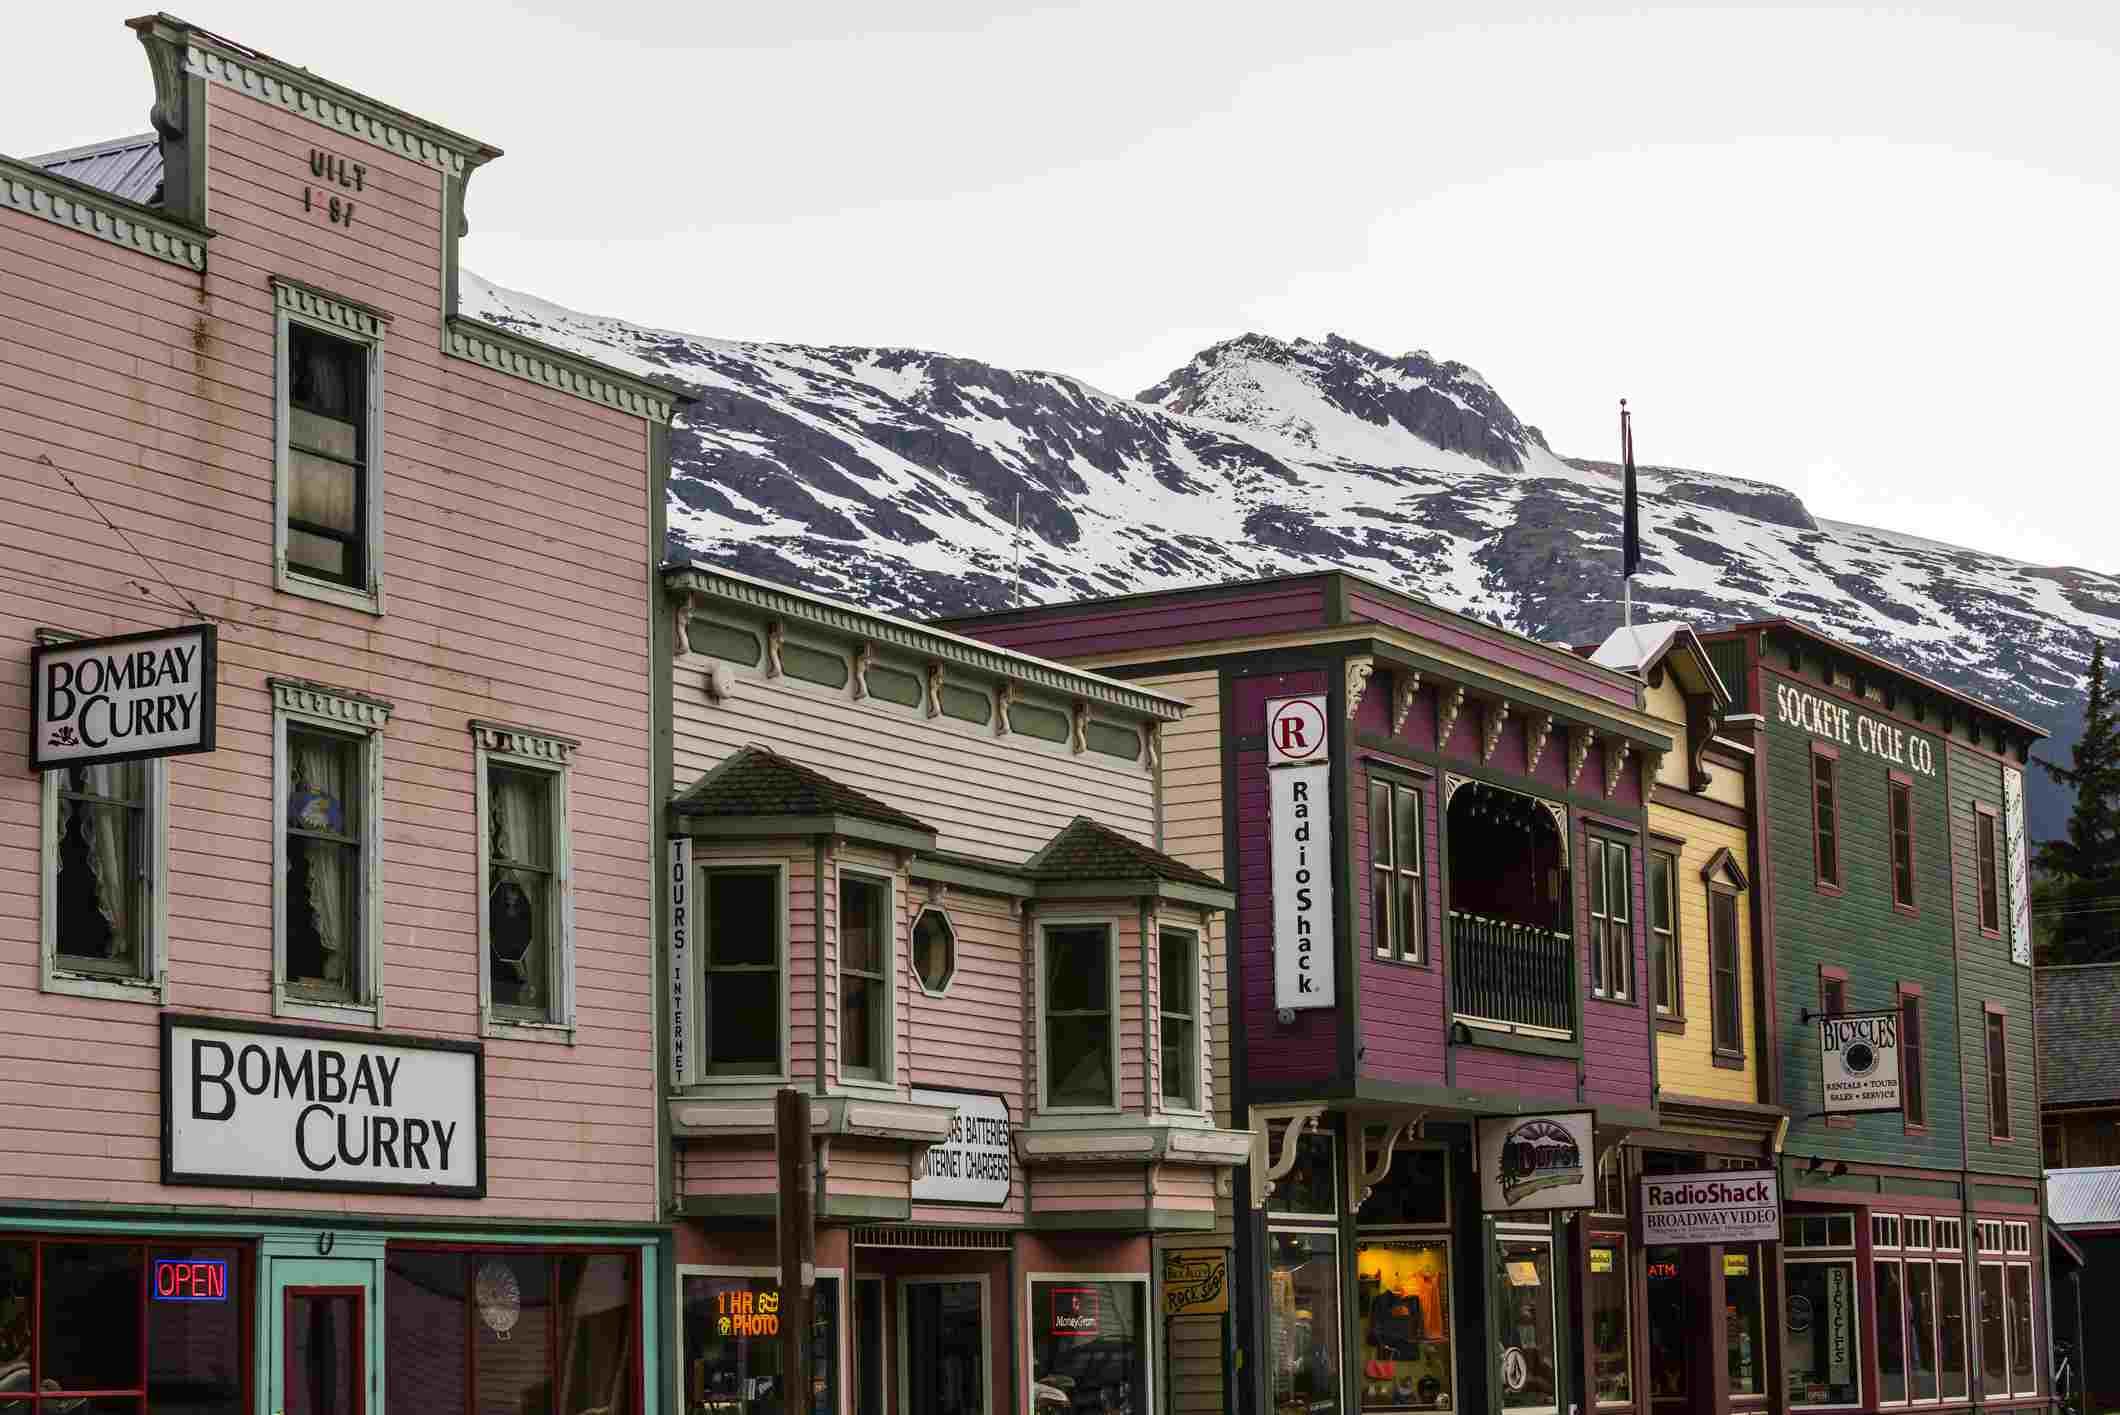 Park Klondike Gold Rush Sejarah Nasional (Daerah Bersejarah Skagway), Skagway, Passage Di dalam, tenggara Alaska Amerika Syarikat.